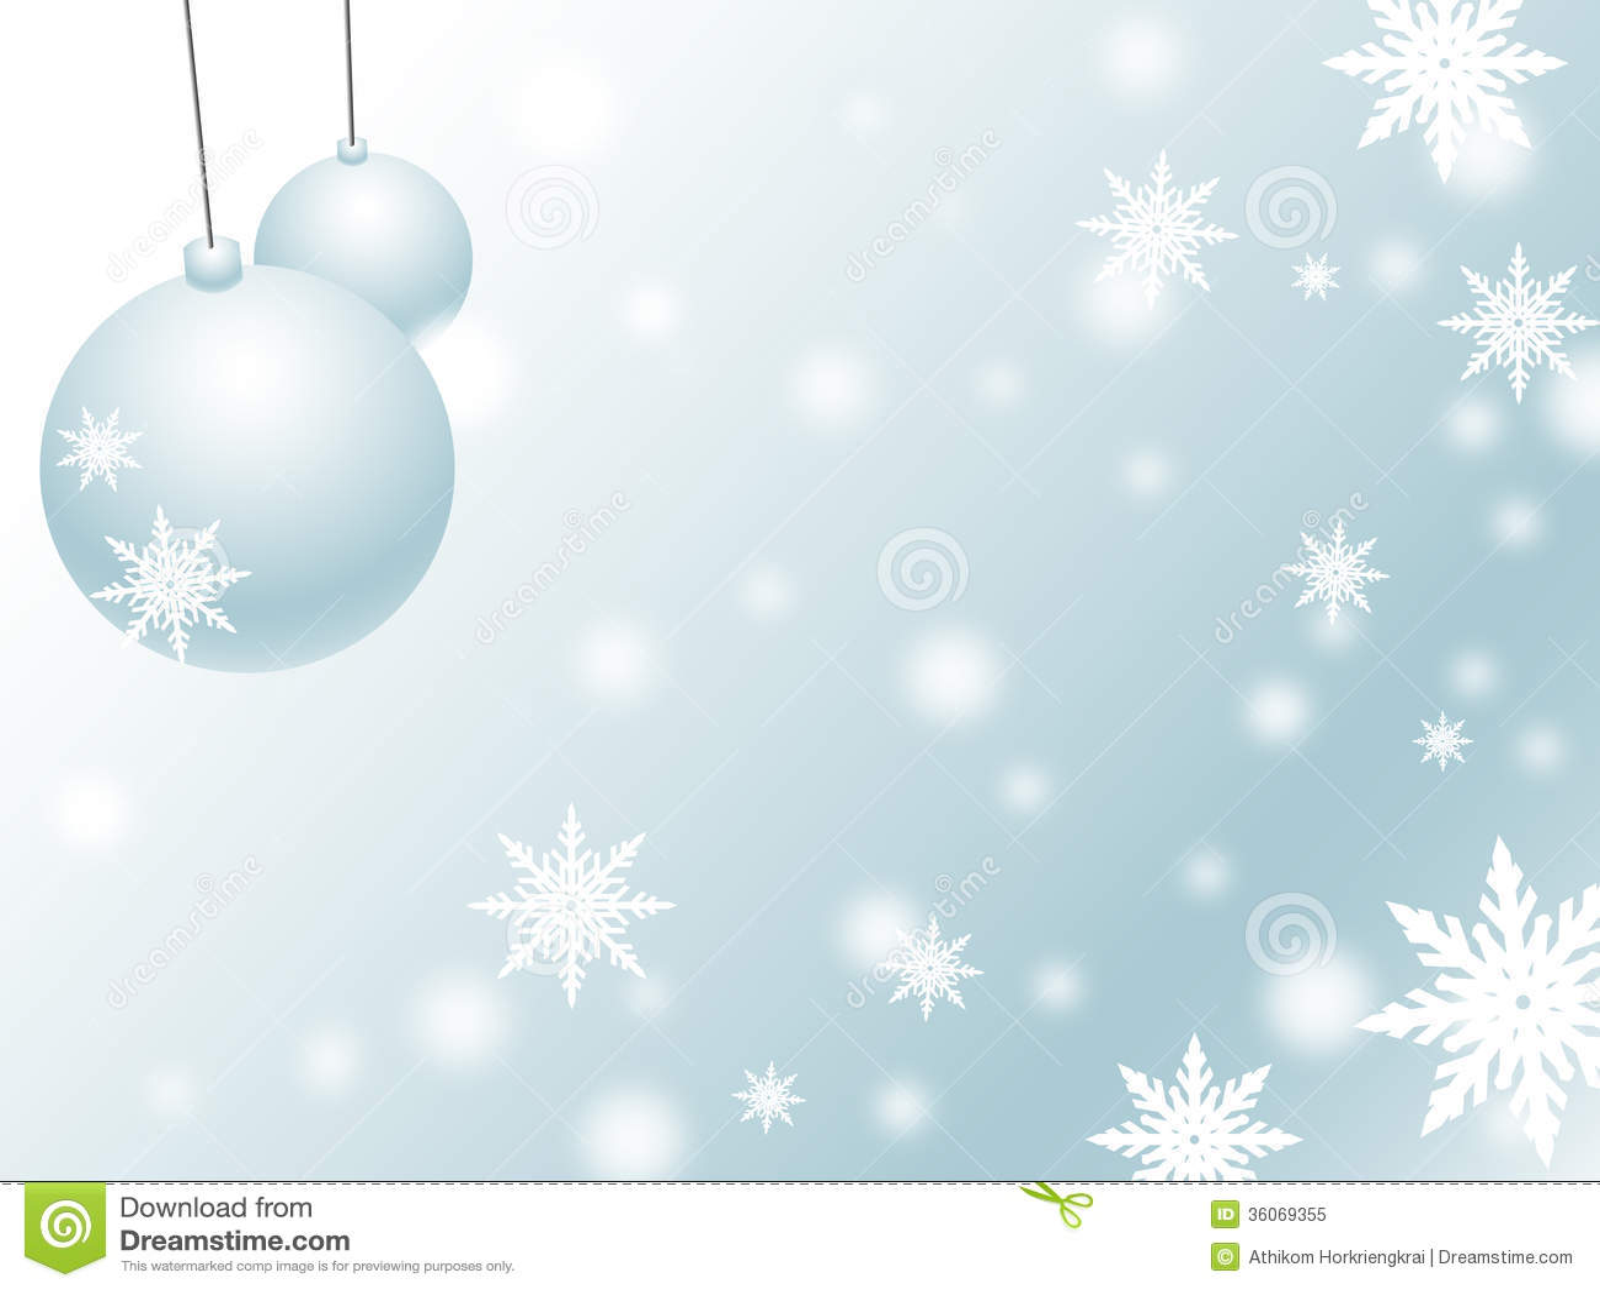 white christmas background stock image - image of white, celebration